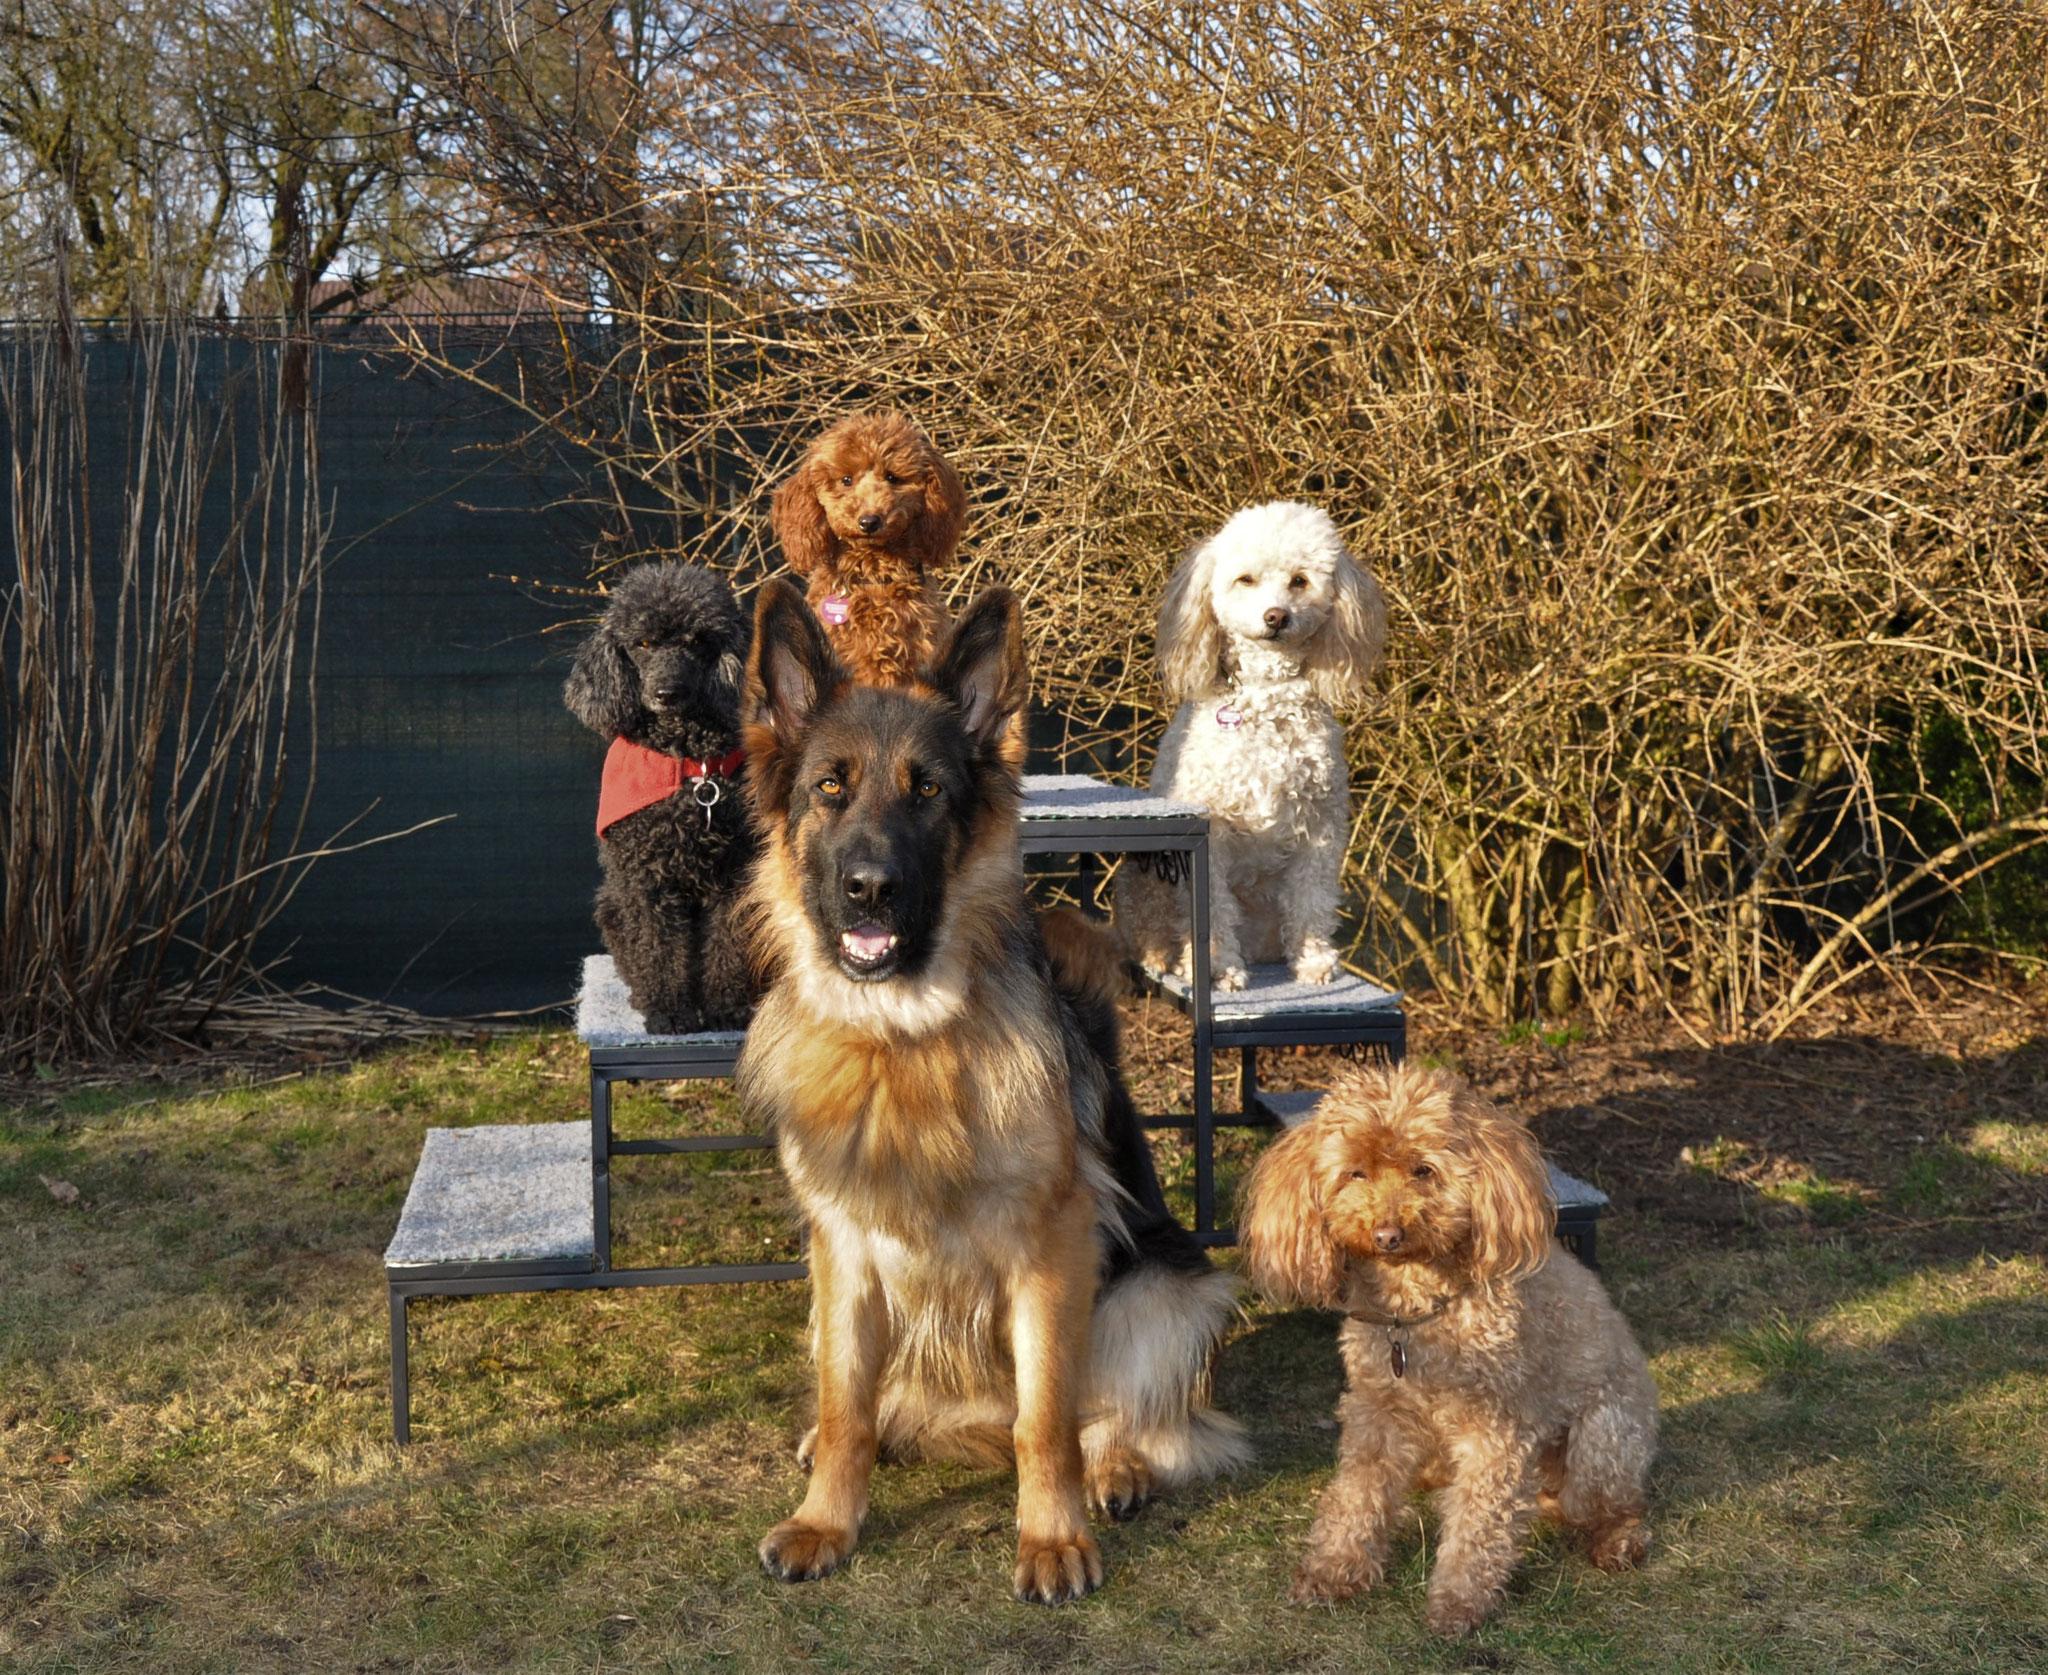 Ich war so stolz auf mein tolles Team - 5 großartige Hunde!